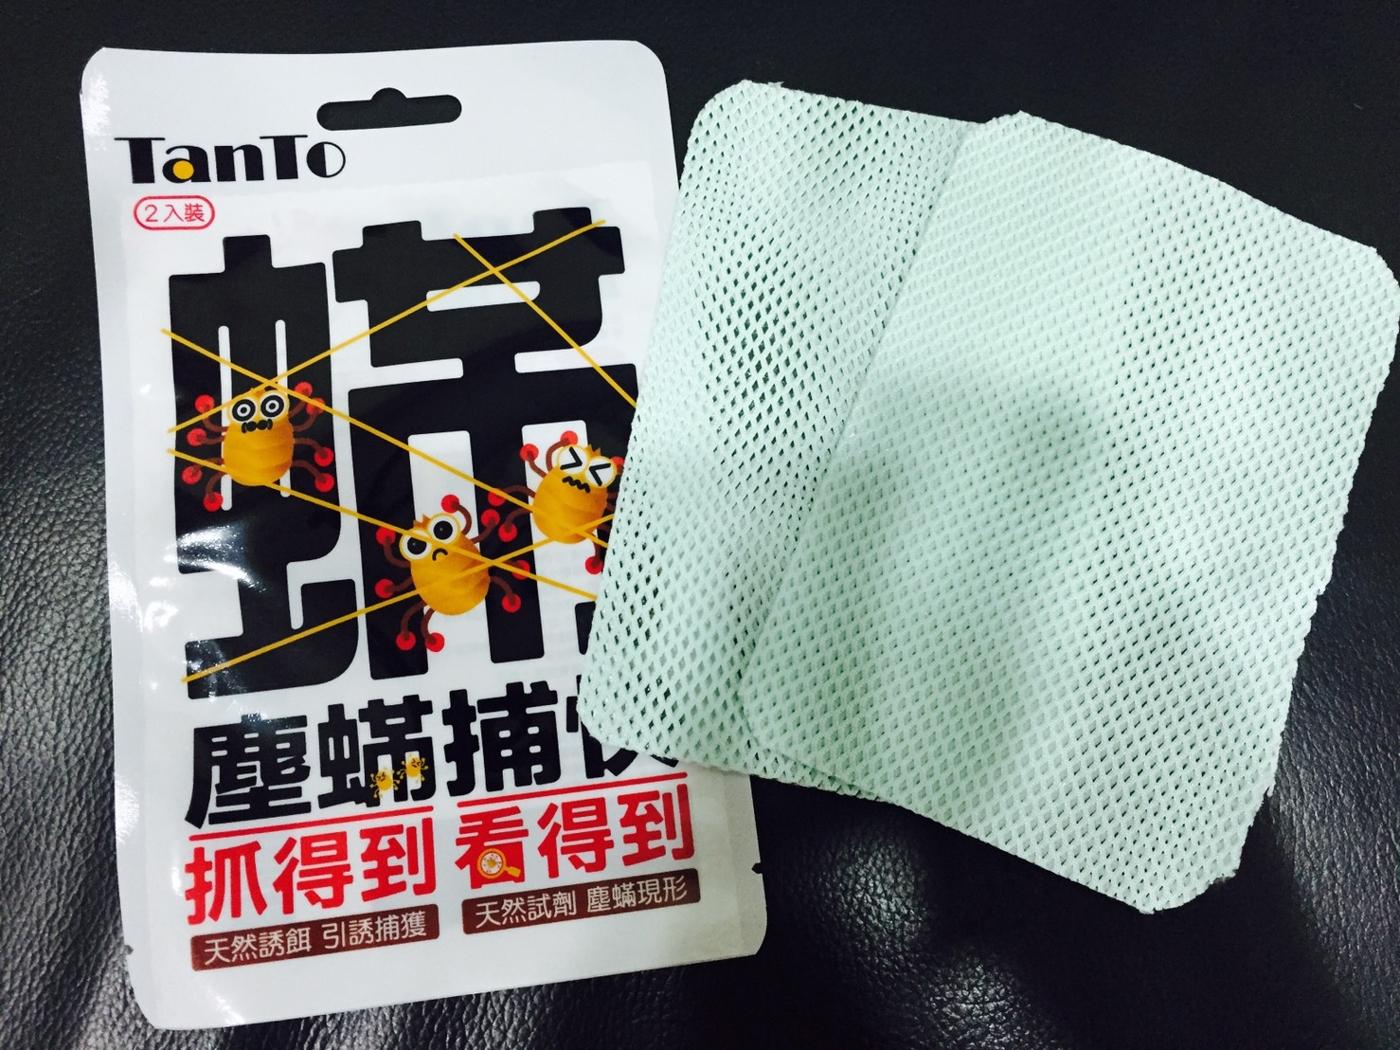 塵蟎捕快-台灣製造TanTo-抓螨剋星2片入組-台灣之光